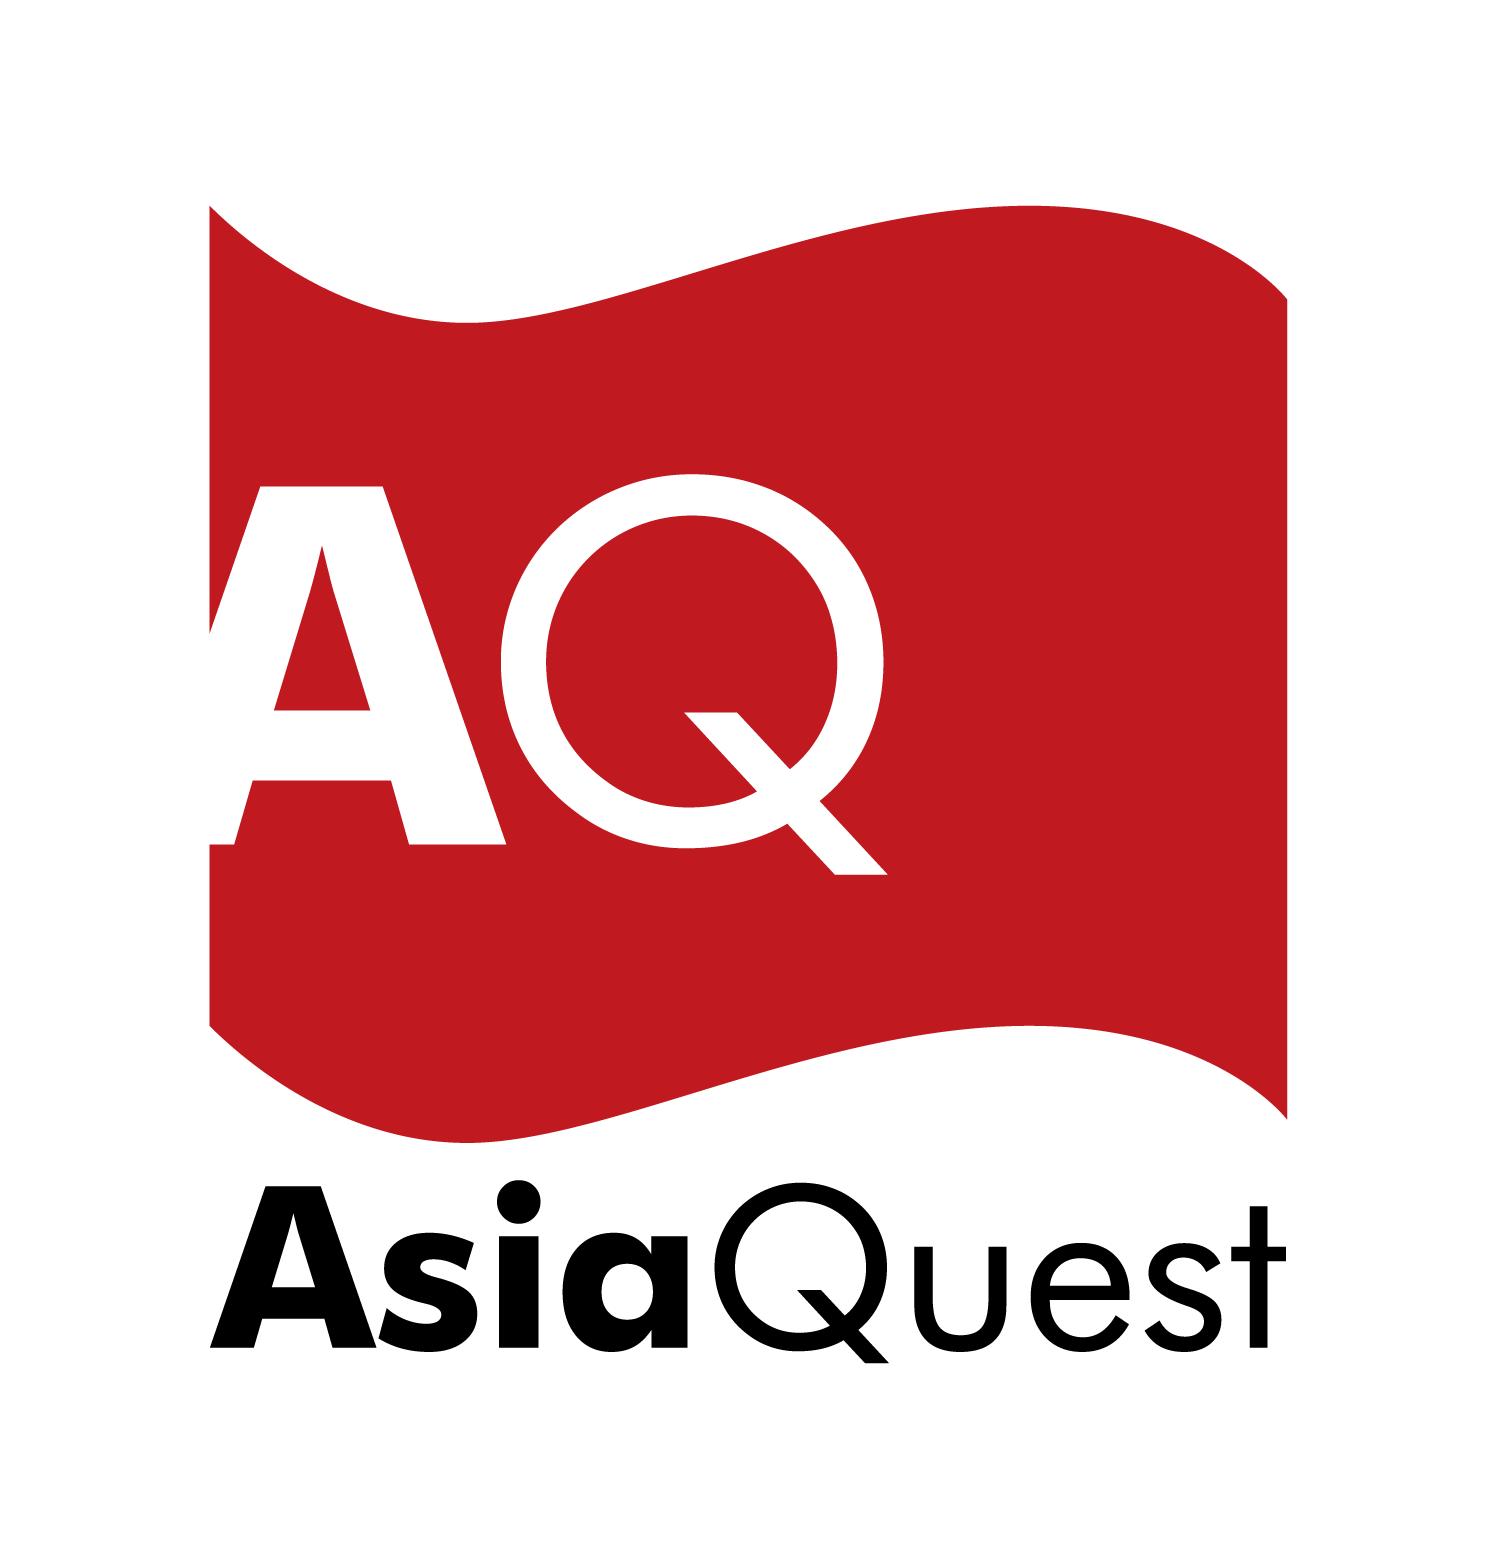 asia-quest